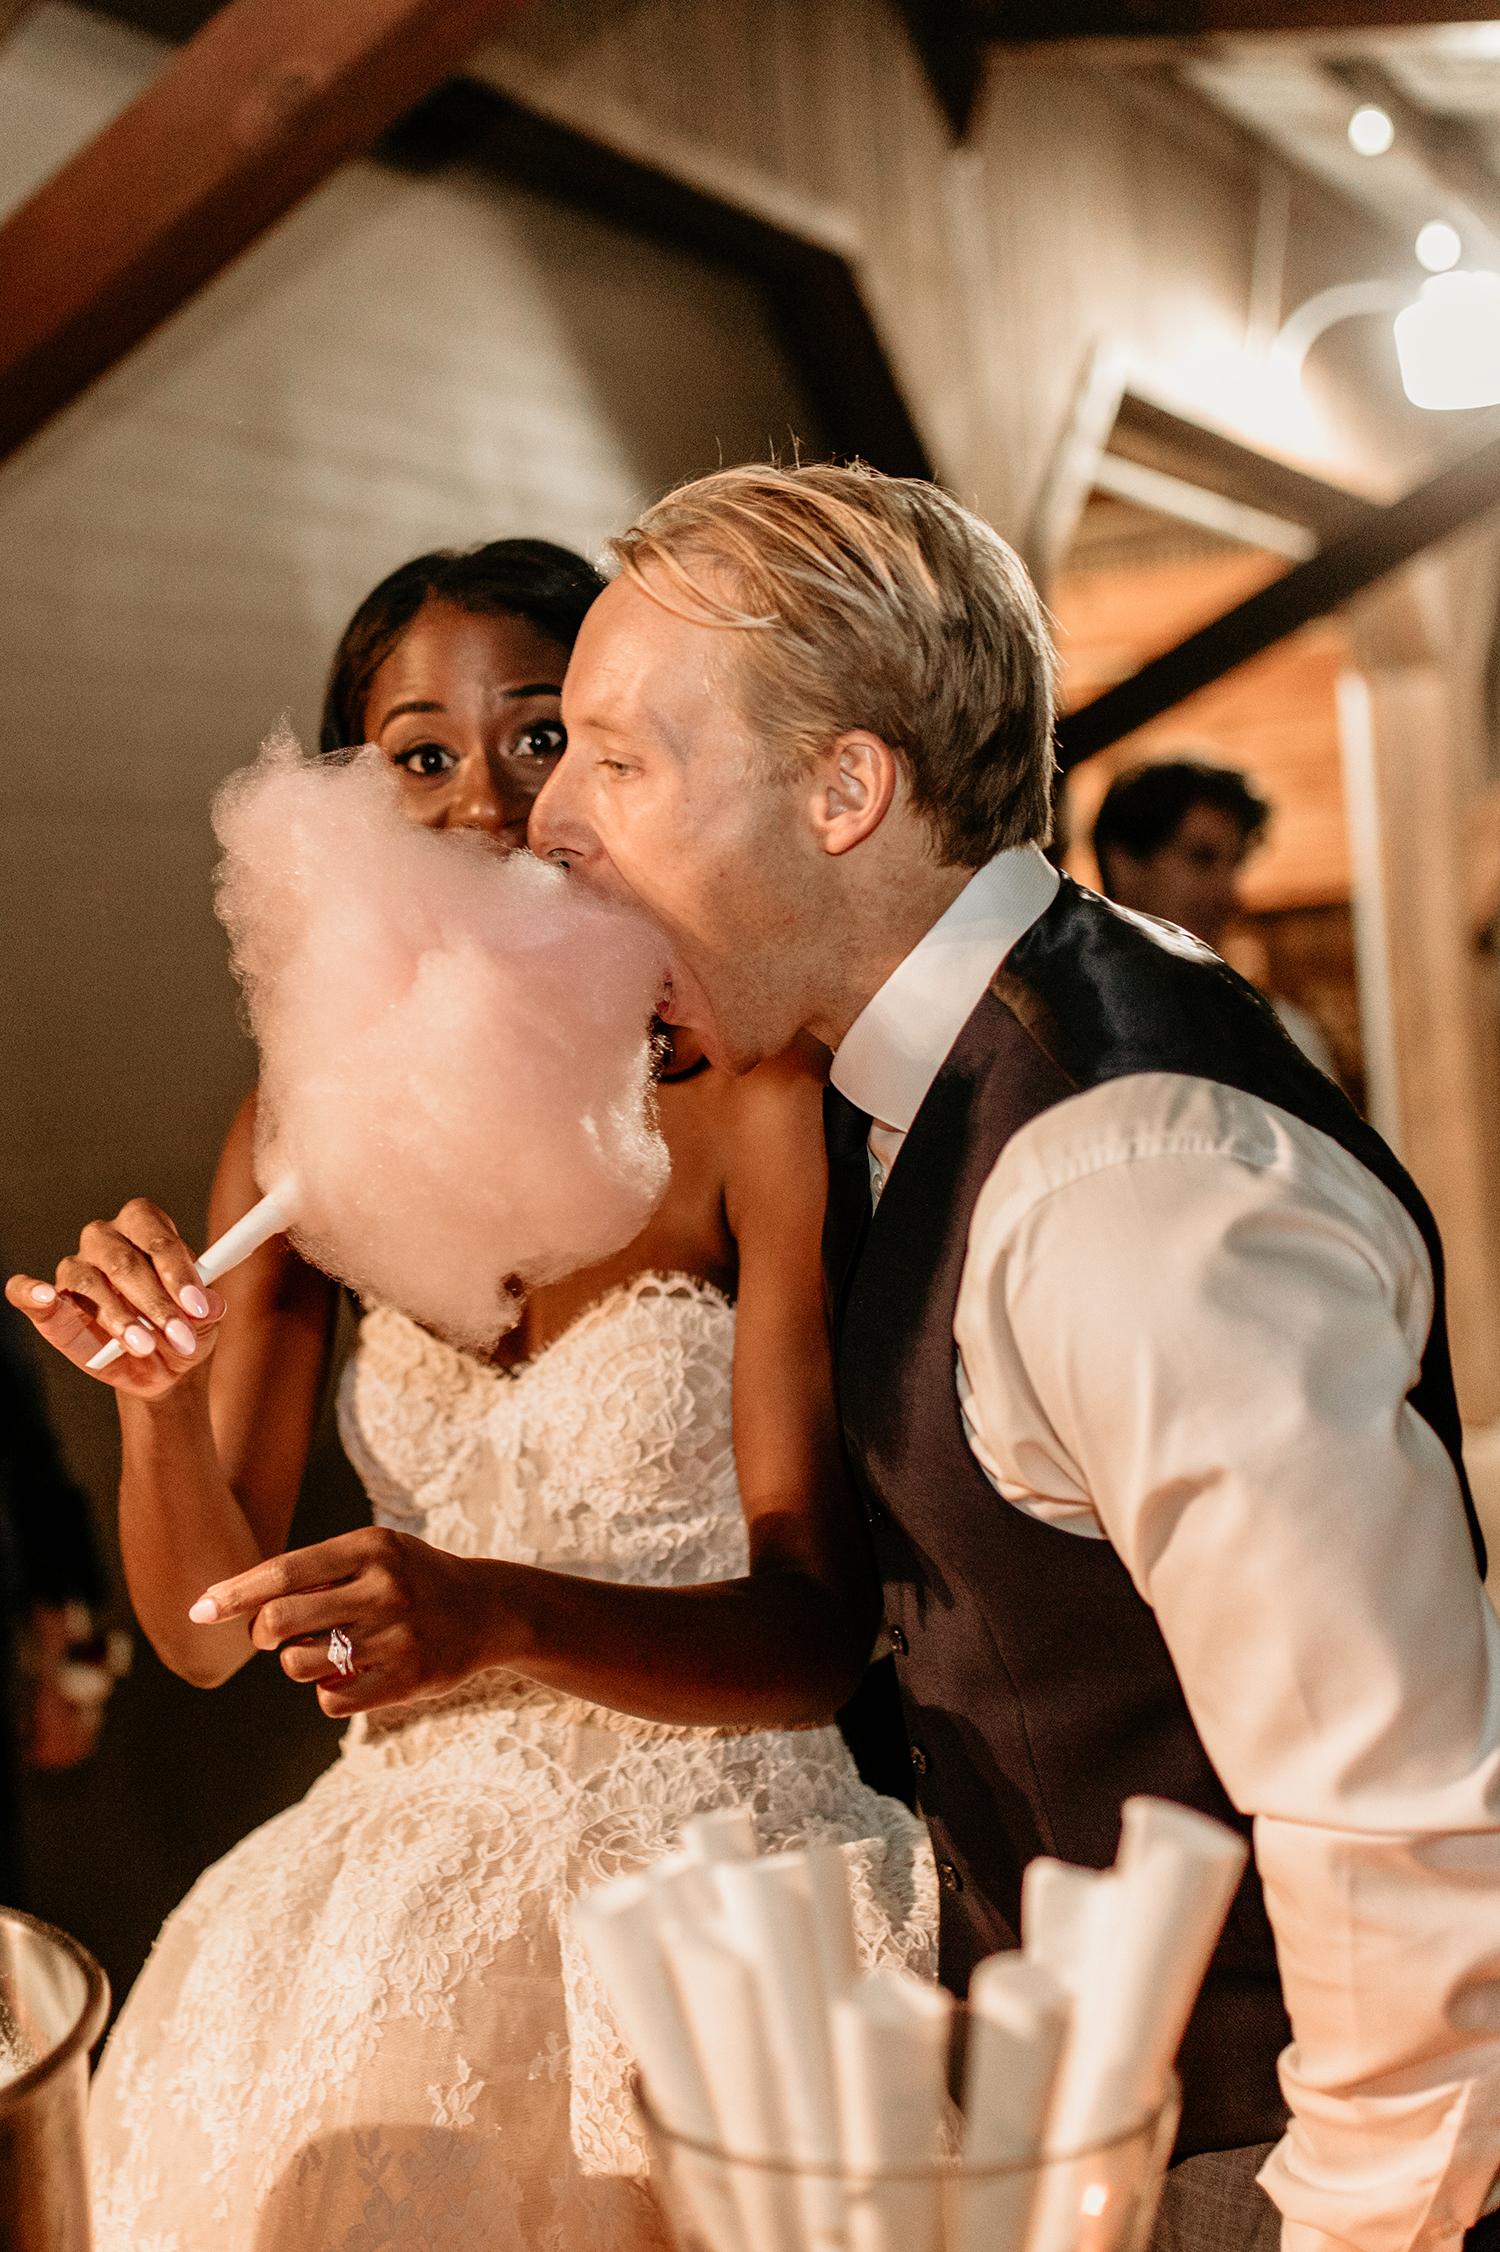 aerielle dyan wedding cotton candy